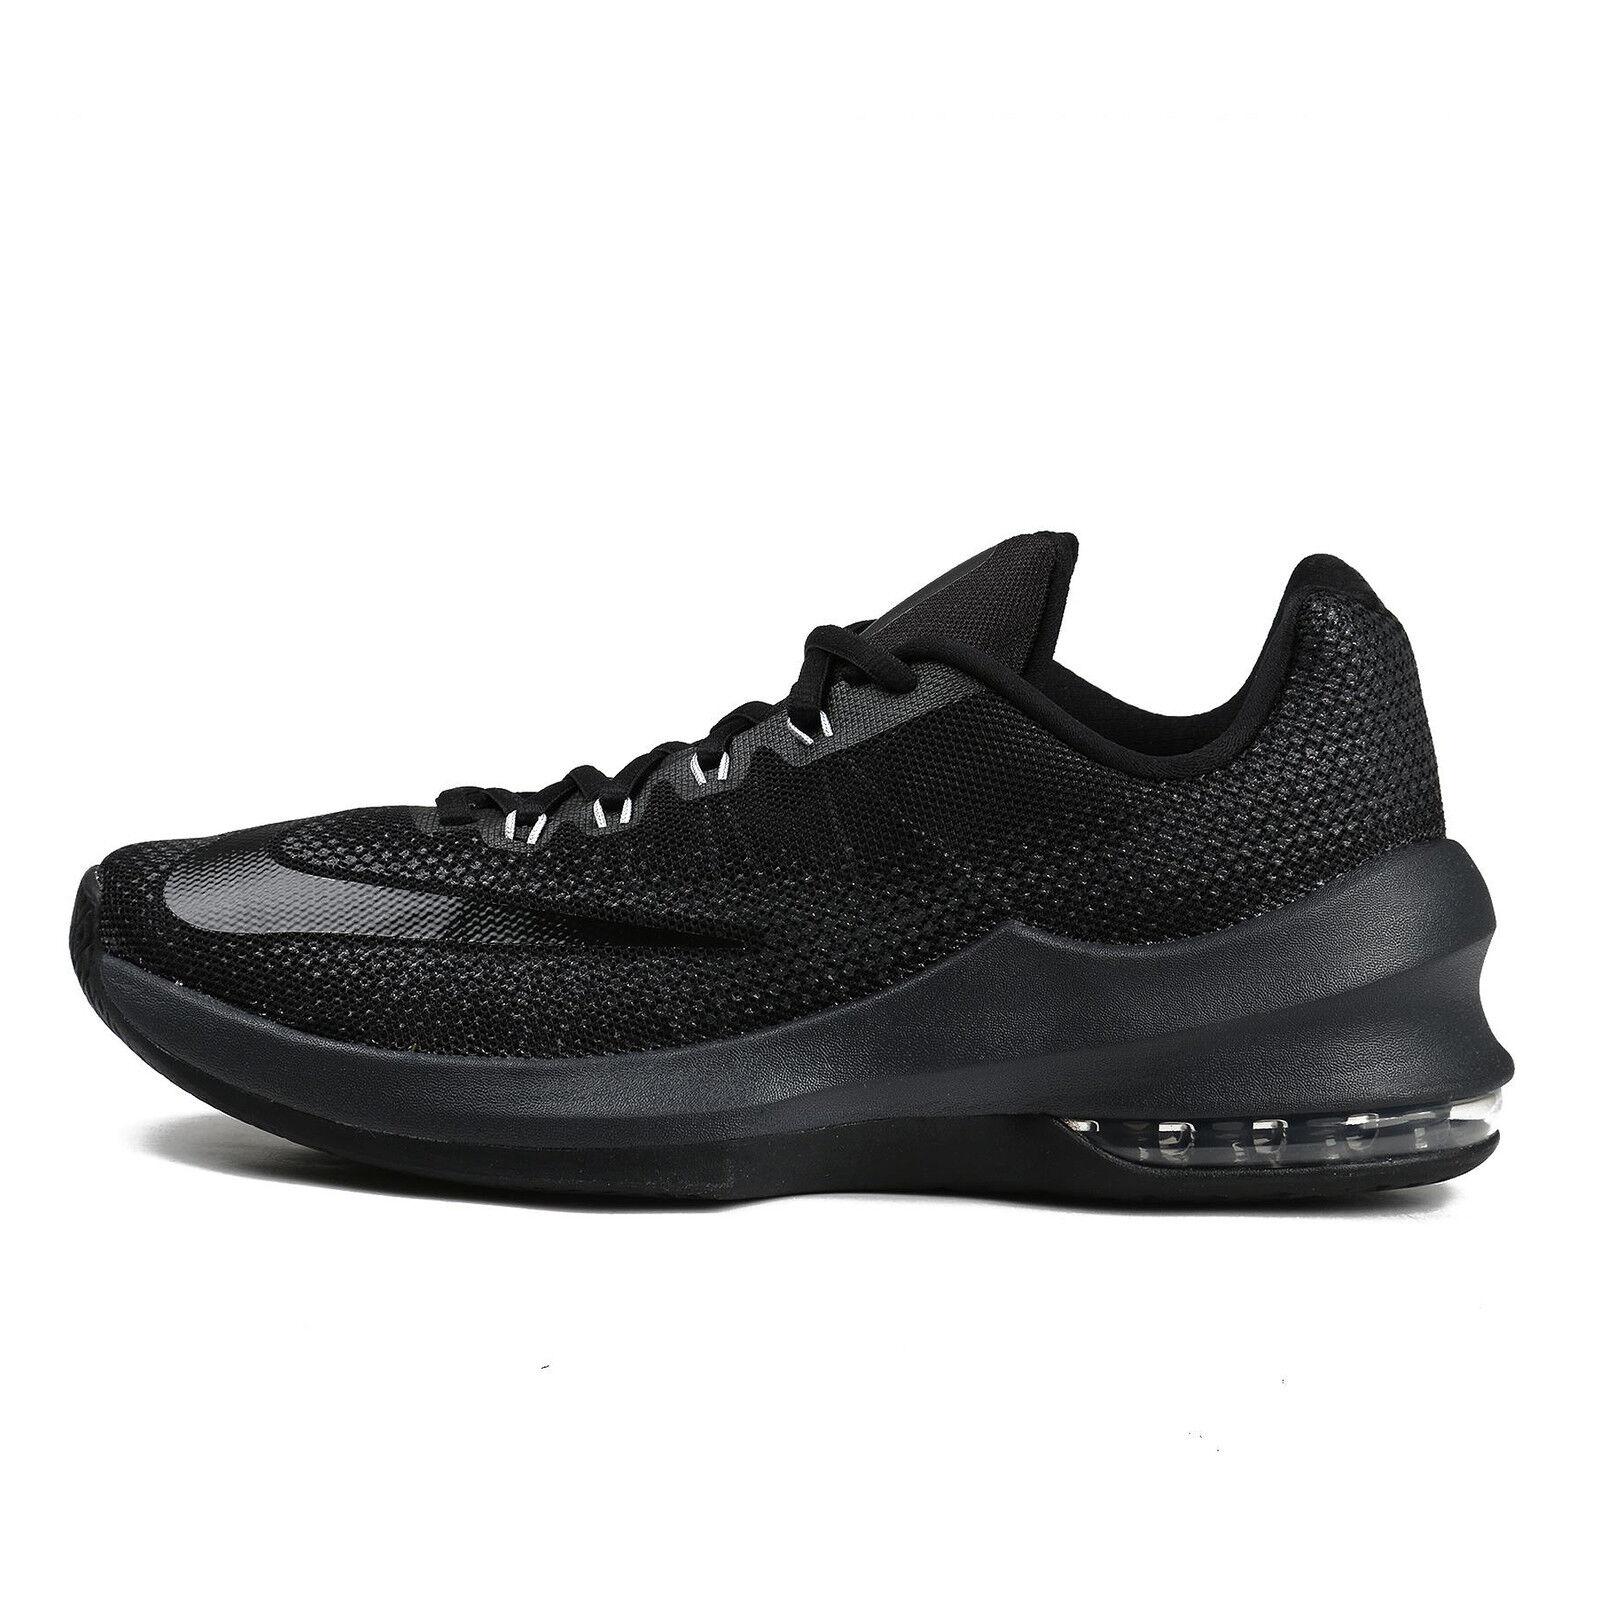 Nike air max 852457-001 formatori formatori occasionali, scarpe basse infuriare